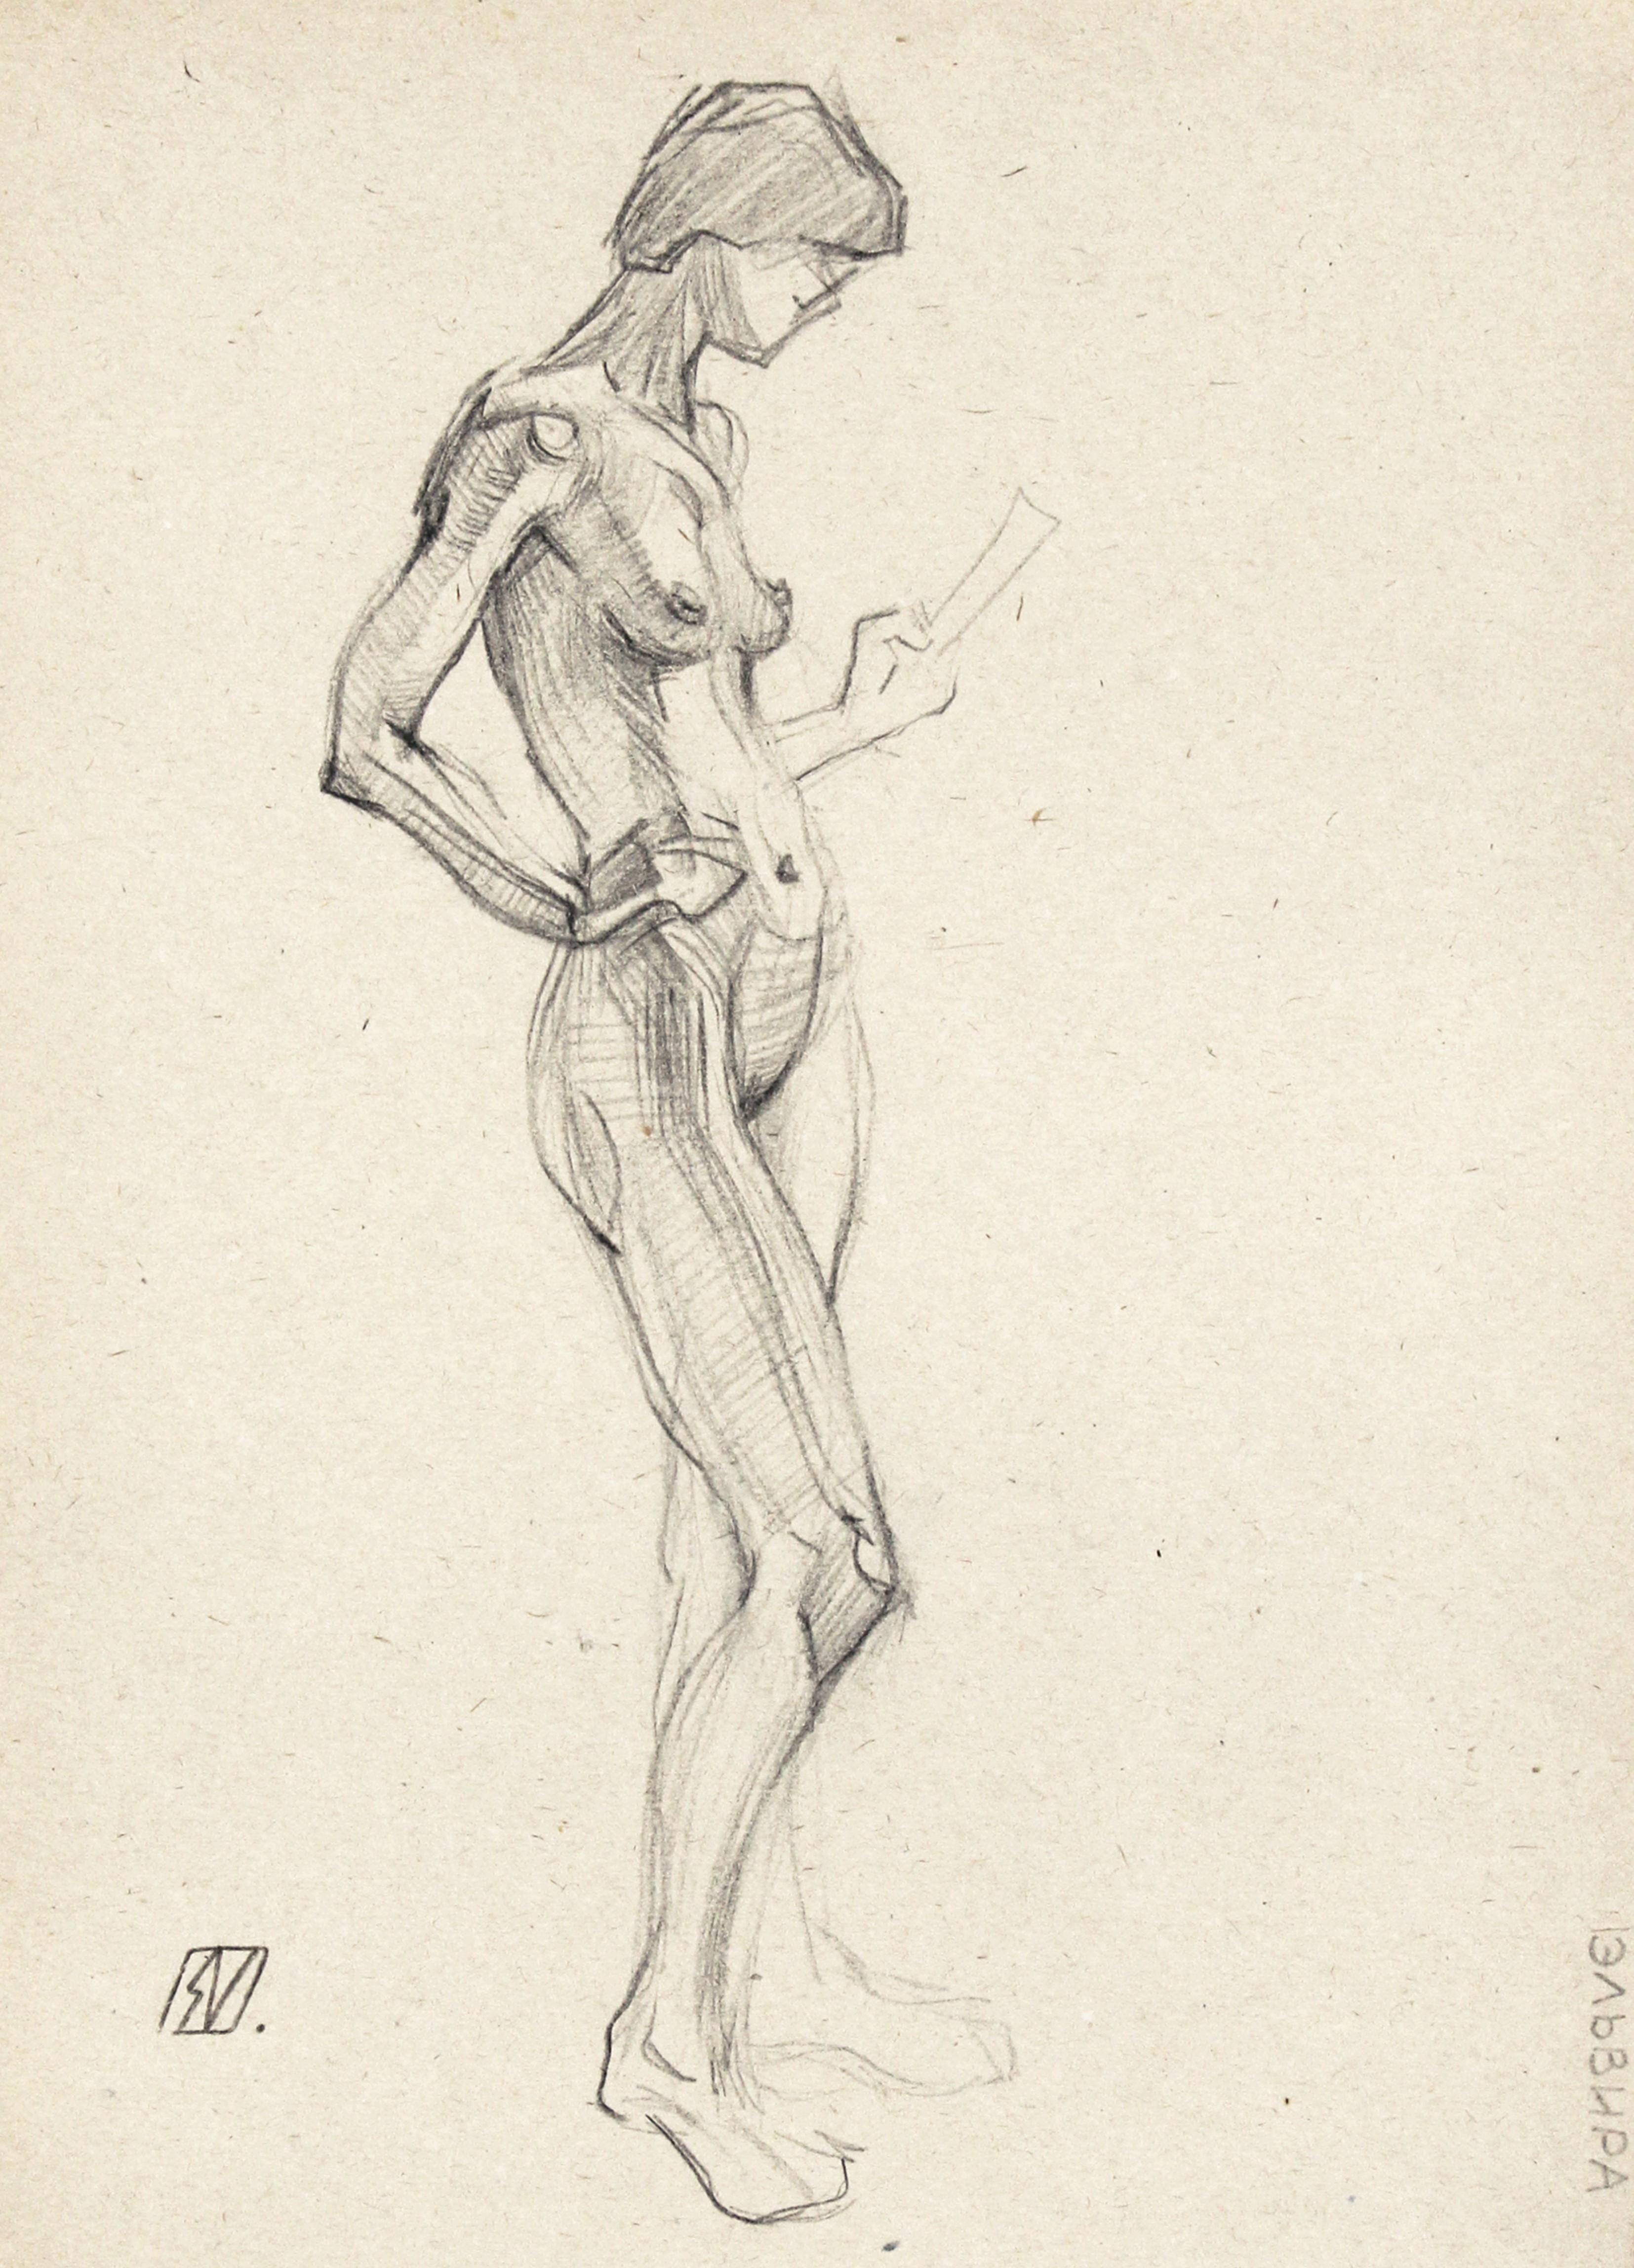 Elvira, 1990